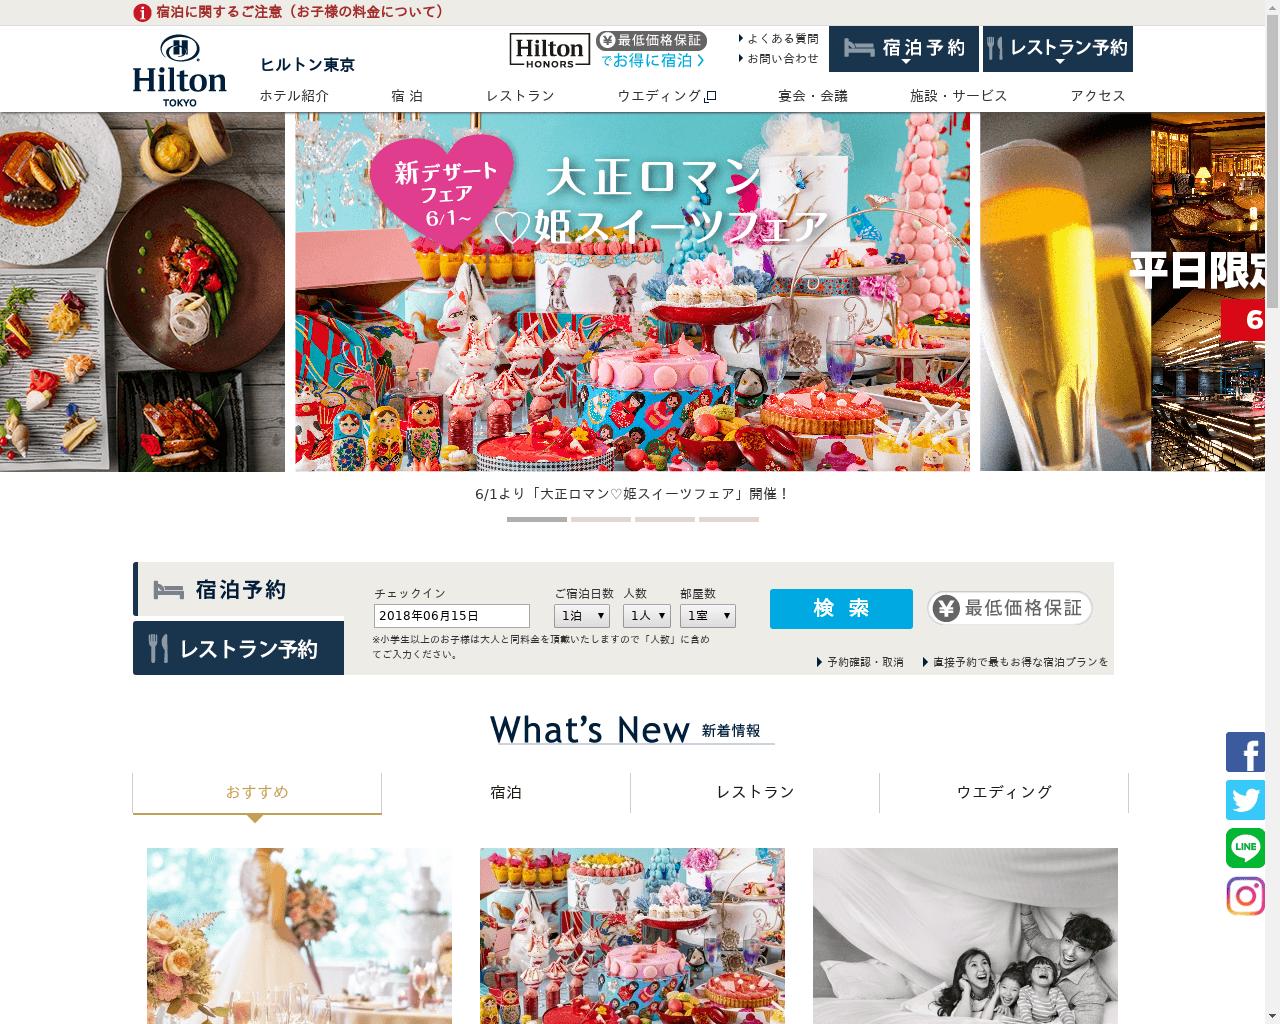 高級ホテル特集 ヒルトン東京